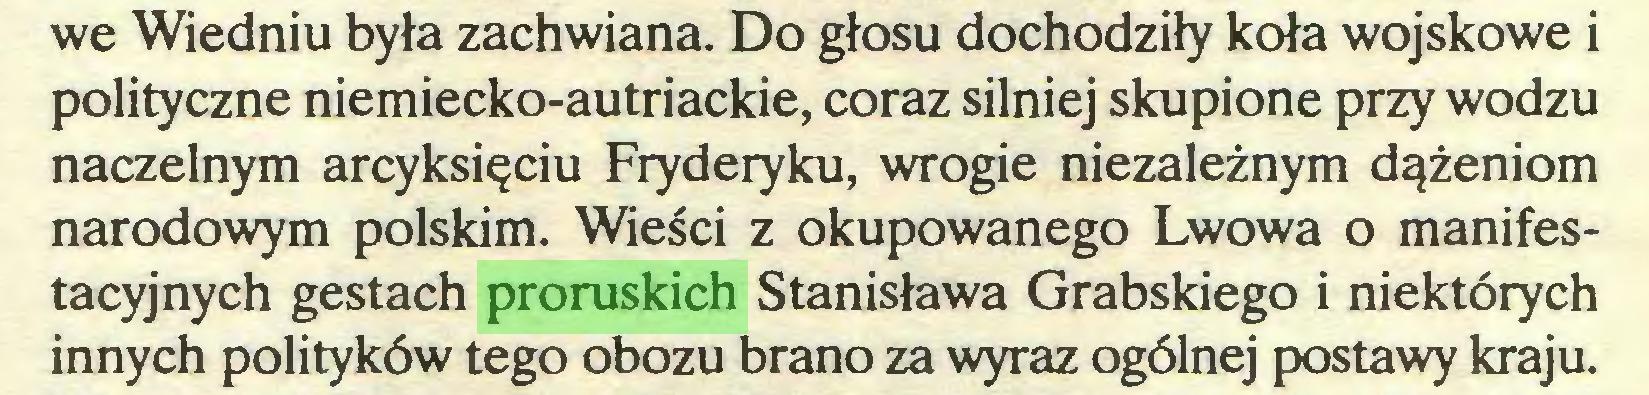 (...) we Wiedniu była zachwiana. Do głosu dochodziły koła wojskowe i polityczne niemiecko-autriackie, coraz silniej skupione przy wodzu naczelnym arcyksięciu Fryderyku, wrogie niezależnym dążeniom narodowym polskim. Wieści z okupowanego Lwowa o manifestacyjnych gestach proruskich Stanisława Grabskiego i niektórych innych polityków tego obozu brano za wyraz ogólnej postawy kraju...